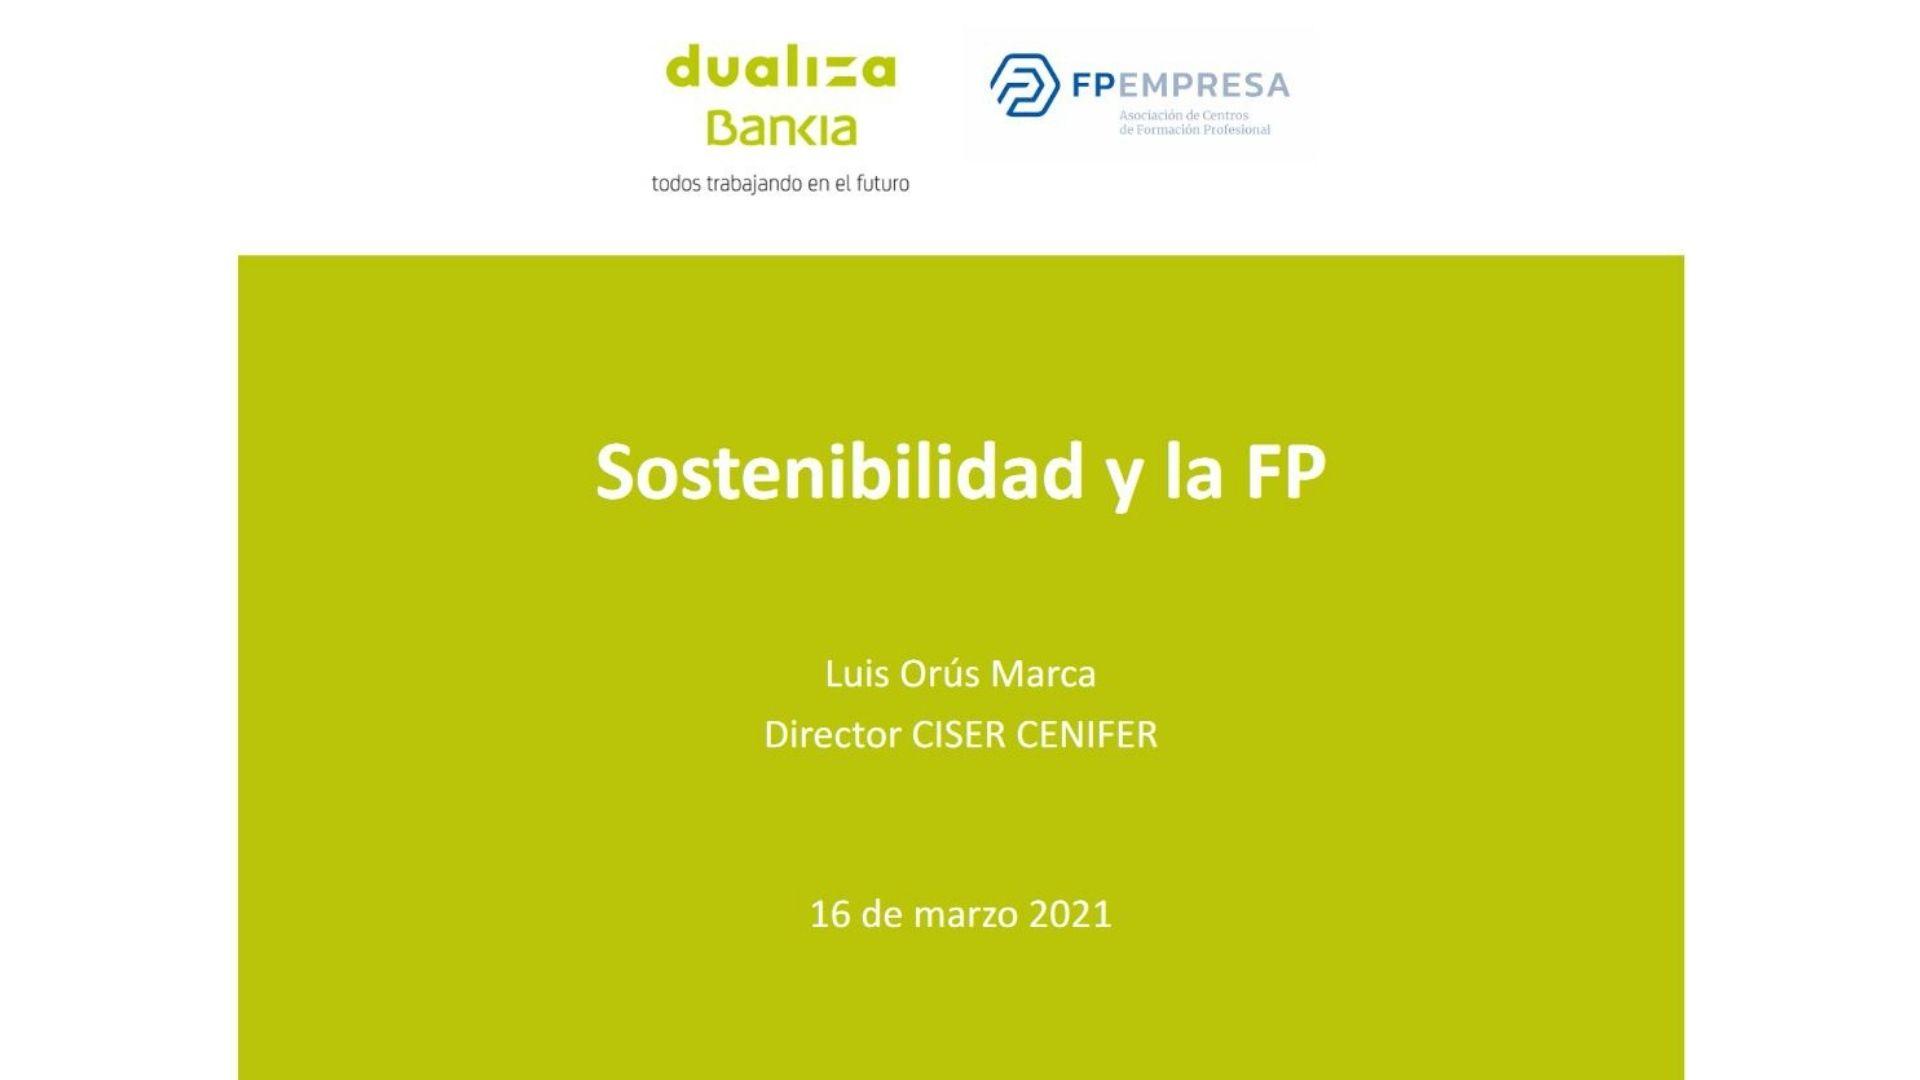 Webinar Dualiza Bankia -Sostenibilidad y FP-Luis Orus16 marzo 2021